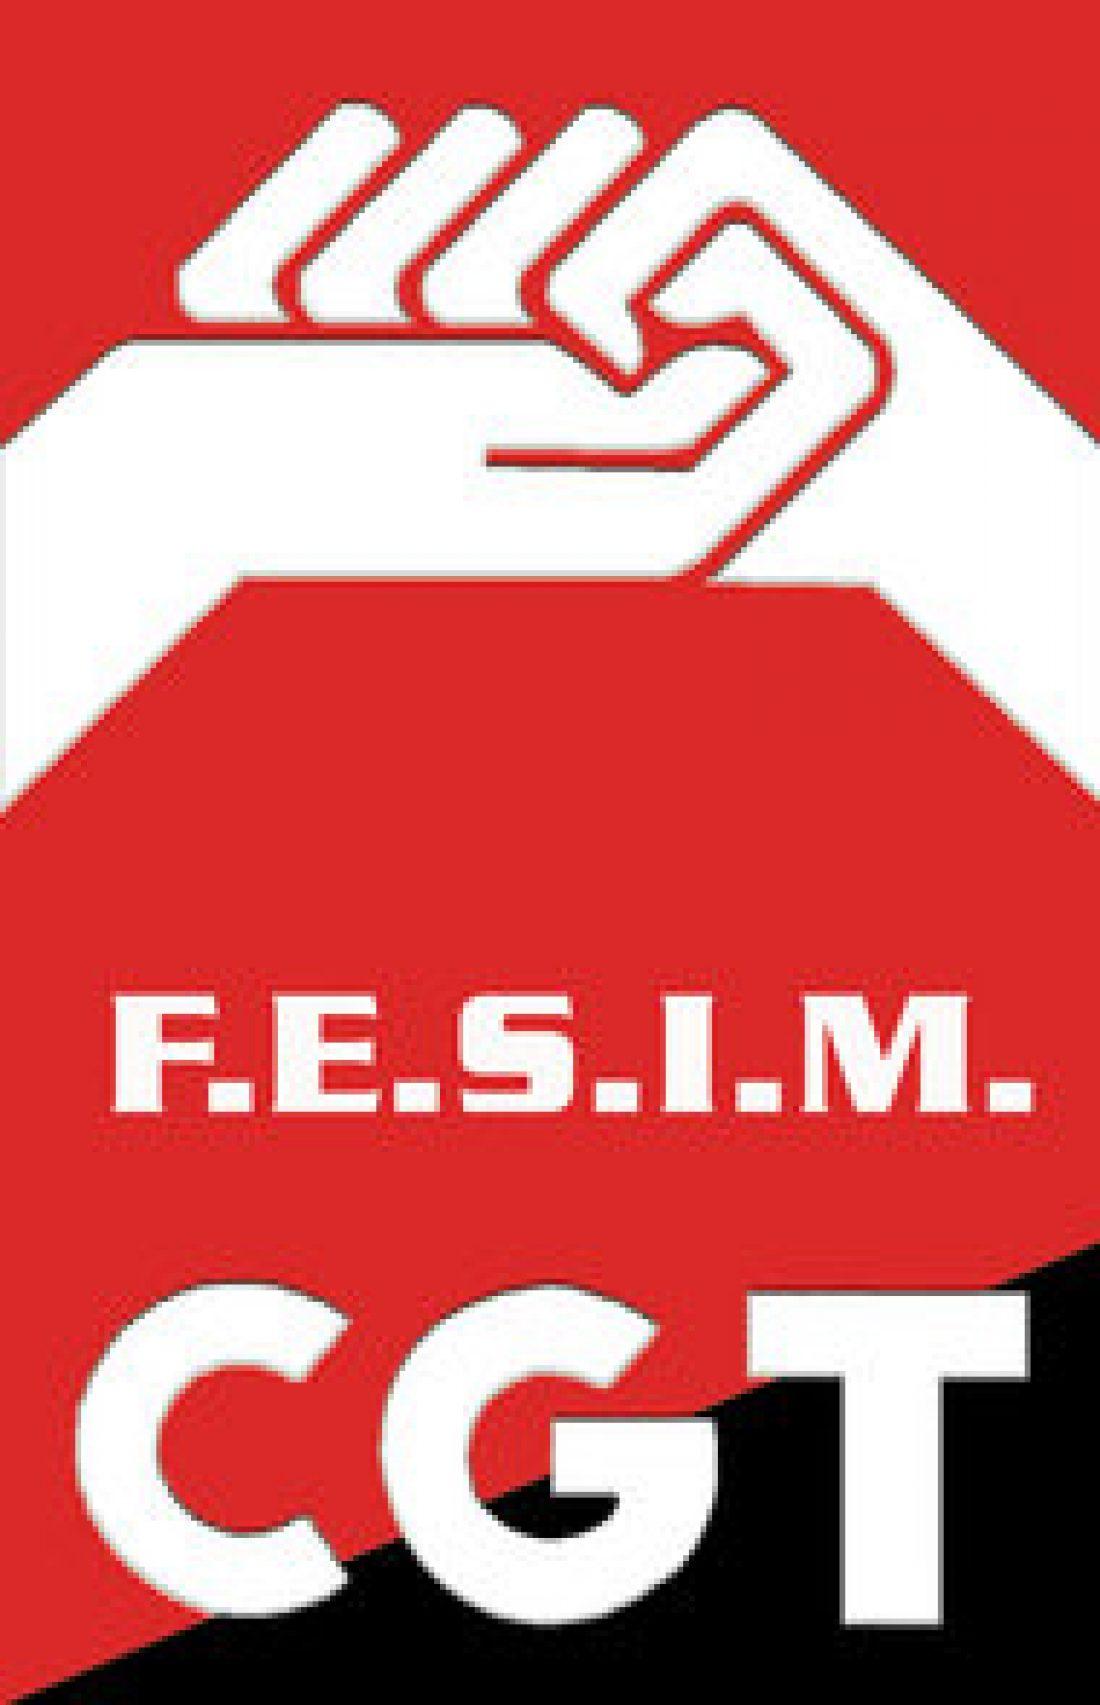 La Federación Metalúrgica de la CGT presenta al Gobierno una propuesta para un cambio rotundo en la política energética en la automoción (25/7/08)